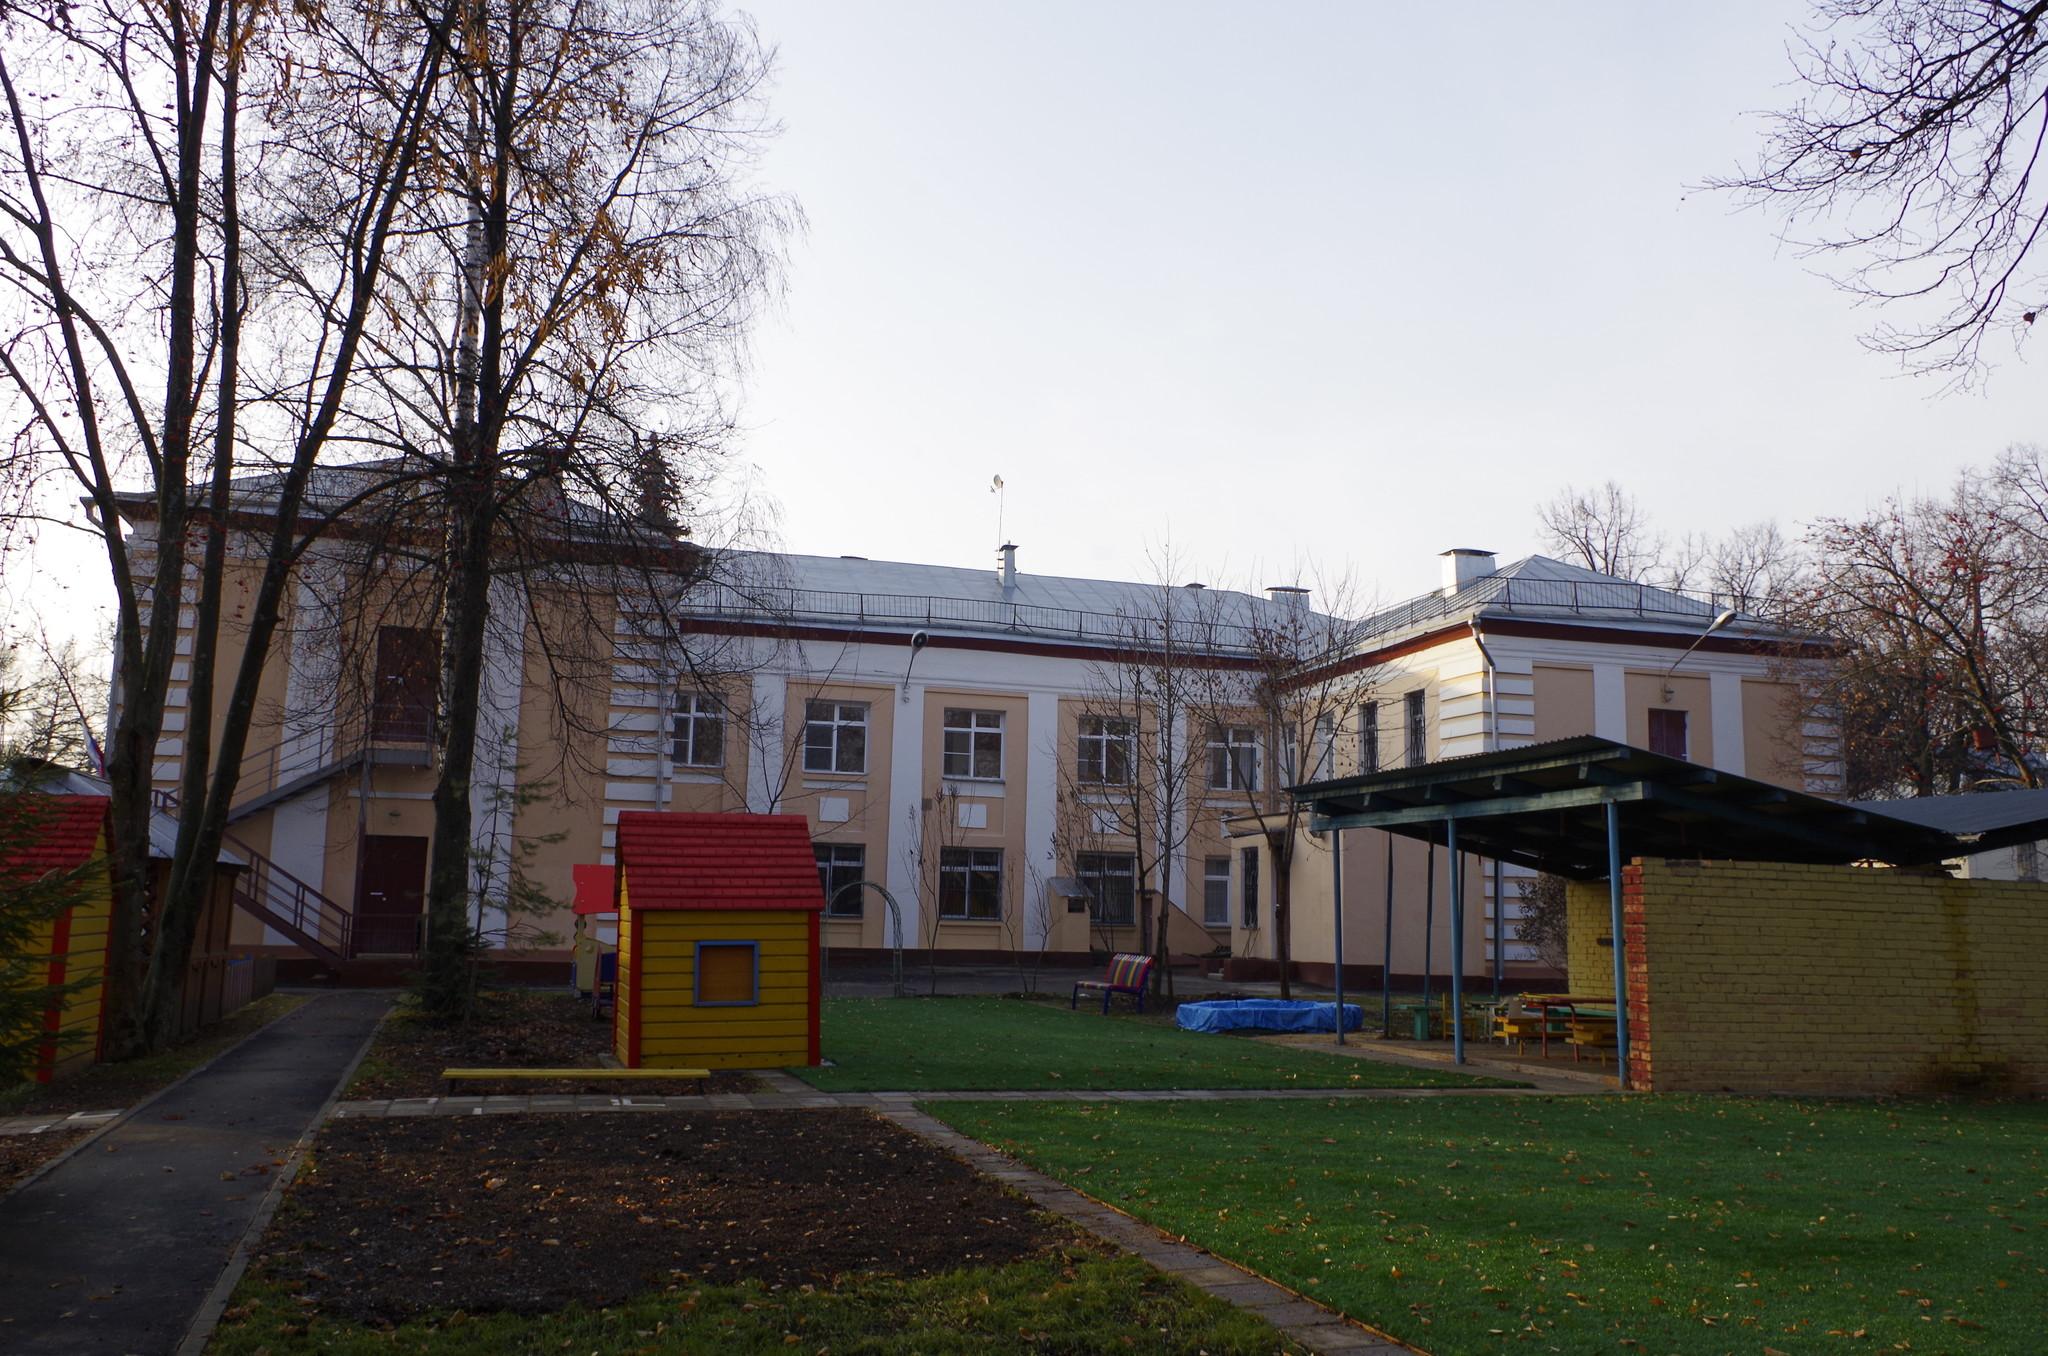 Детский сад № 610 (комбинированного вида, с логопедическими группами). Адрес: 127204, Москва, Северная 3-я линия, дом 15